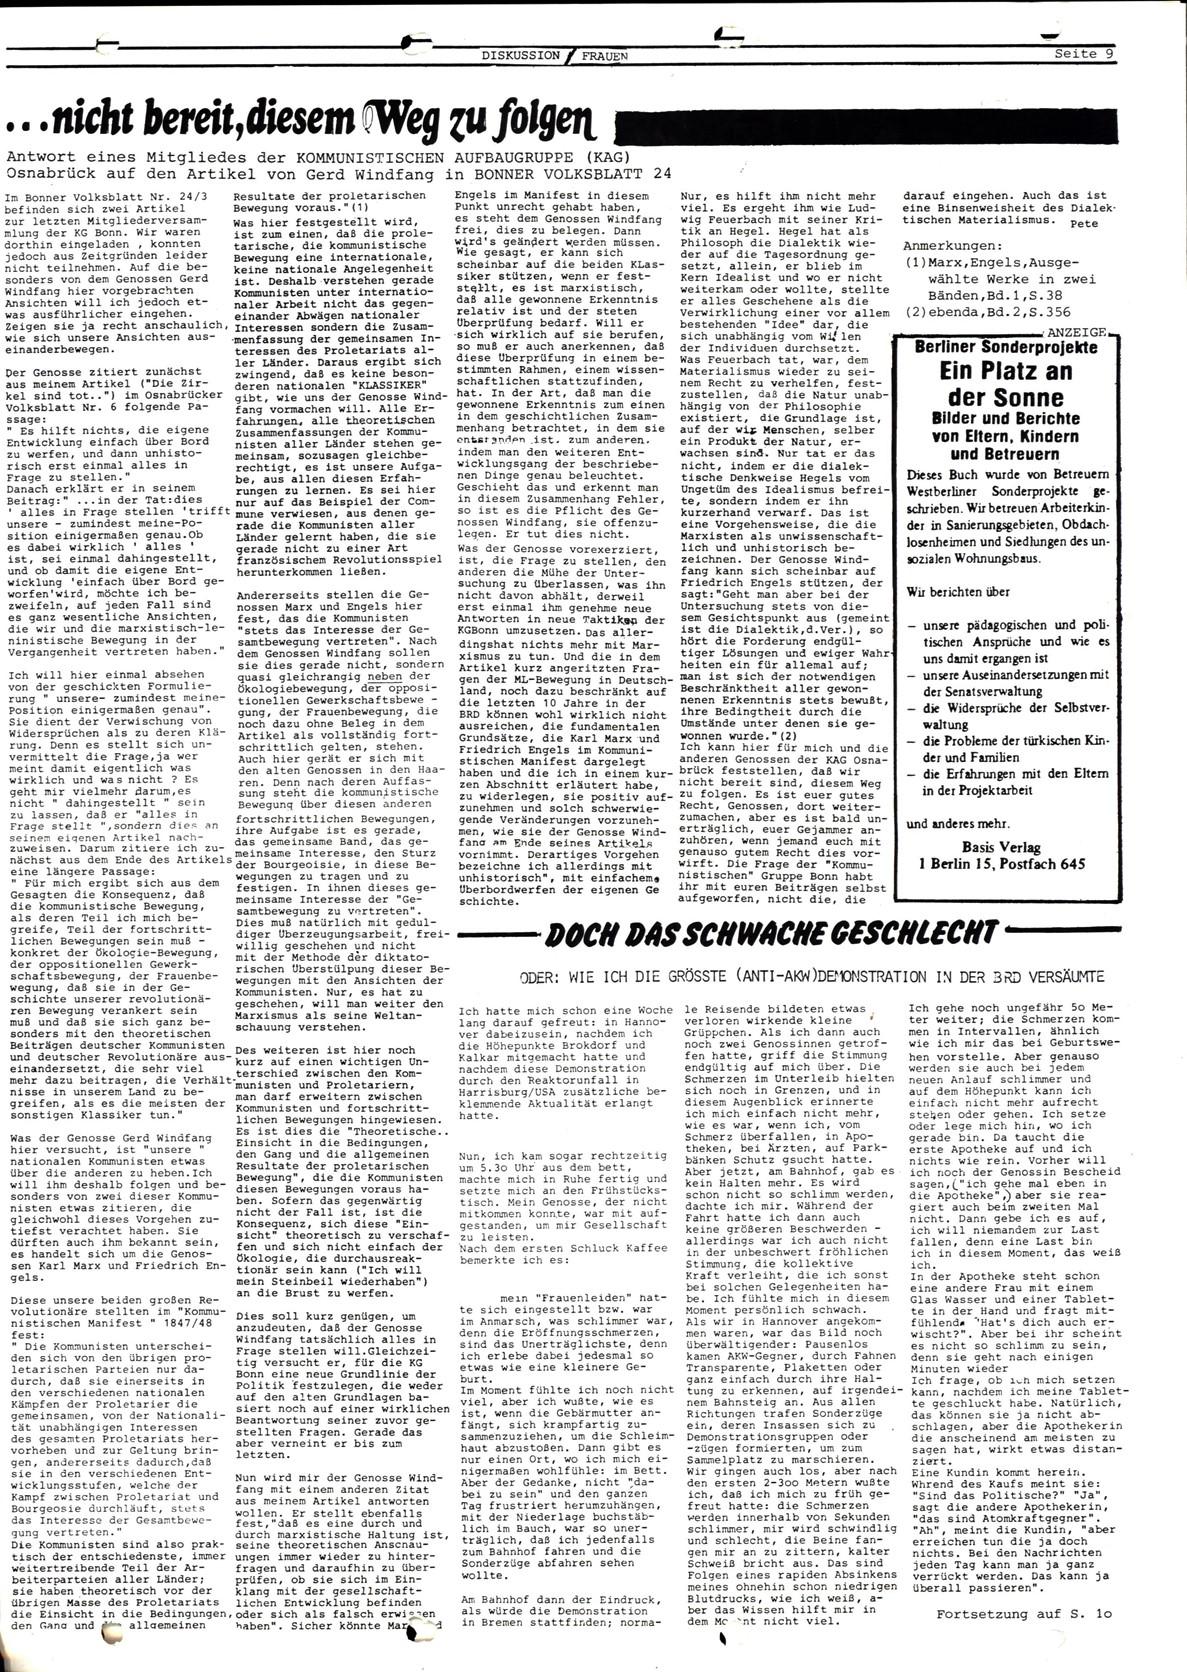 Bonner_Volksblatt_25_19790530_09